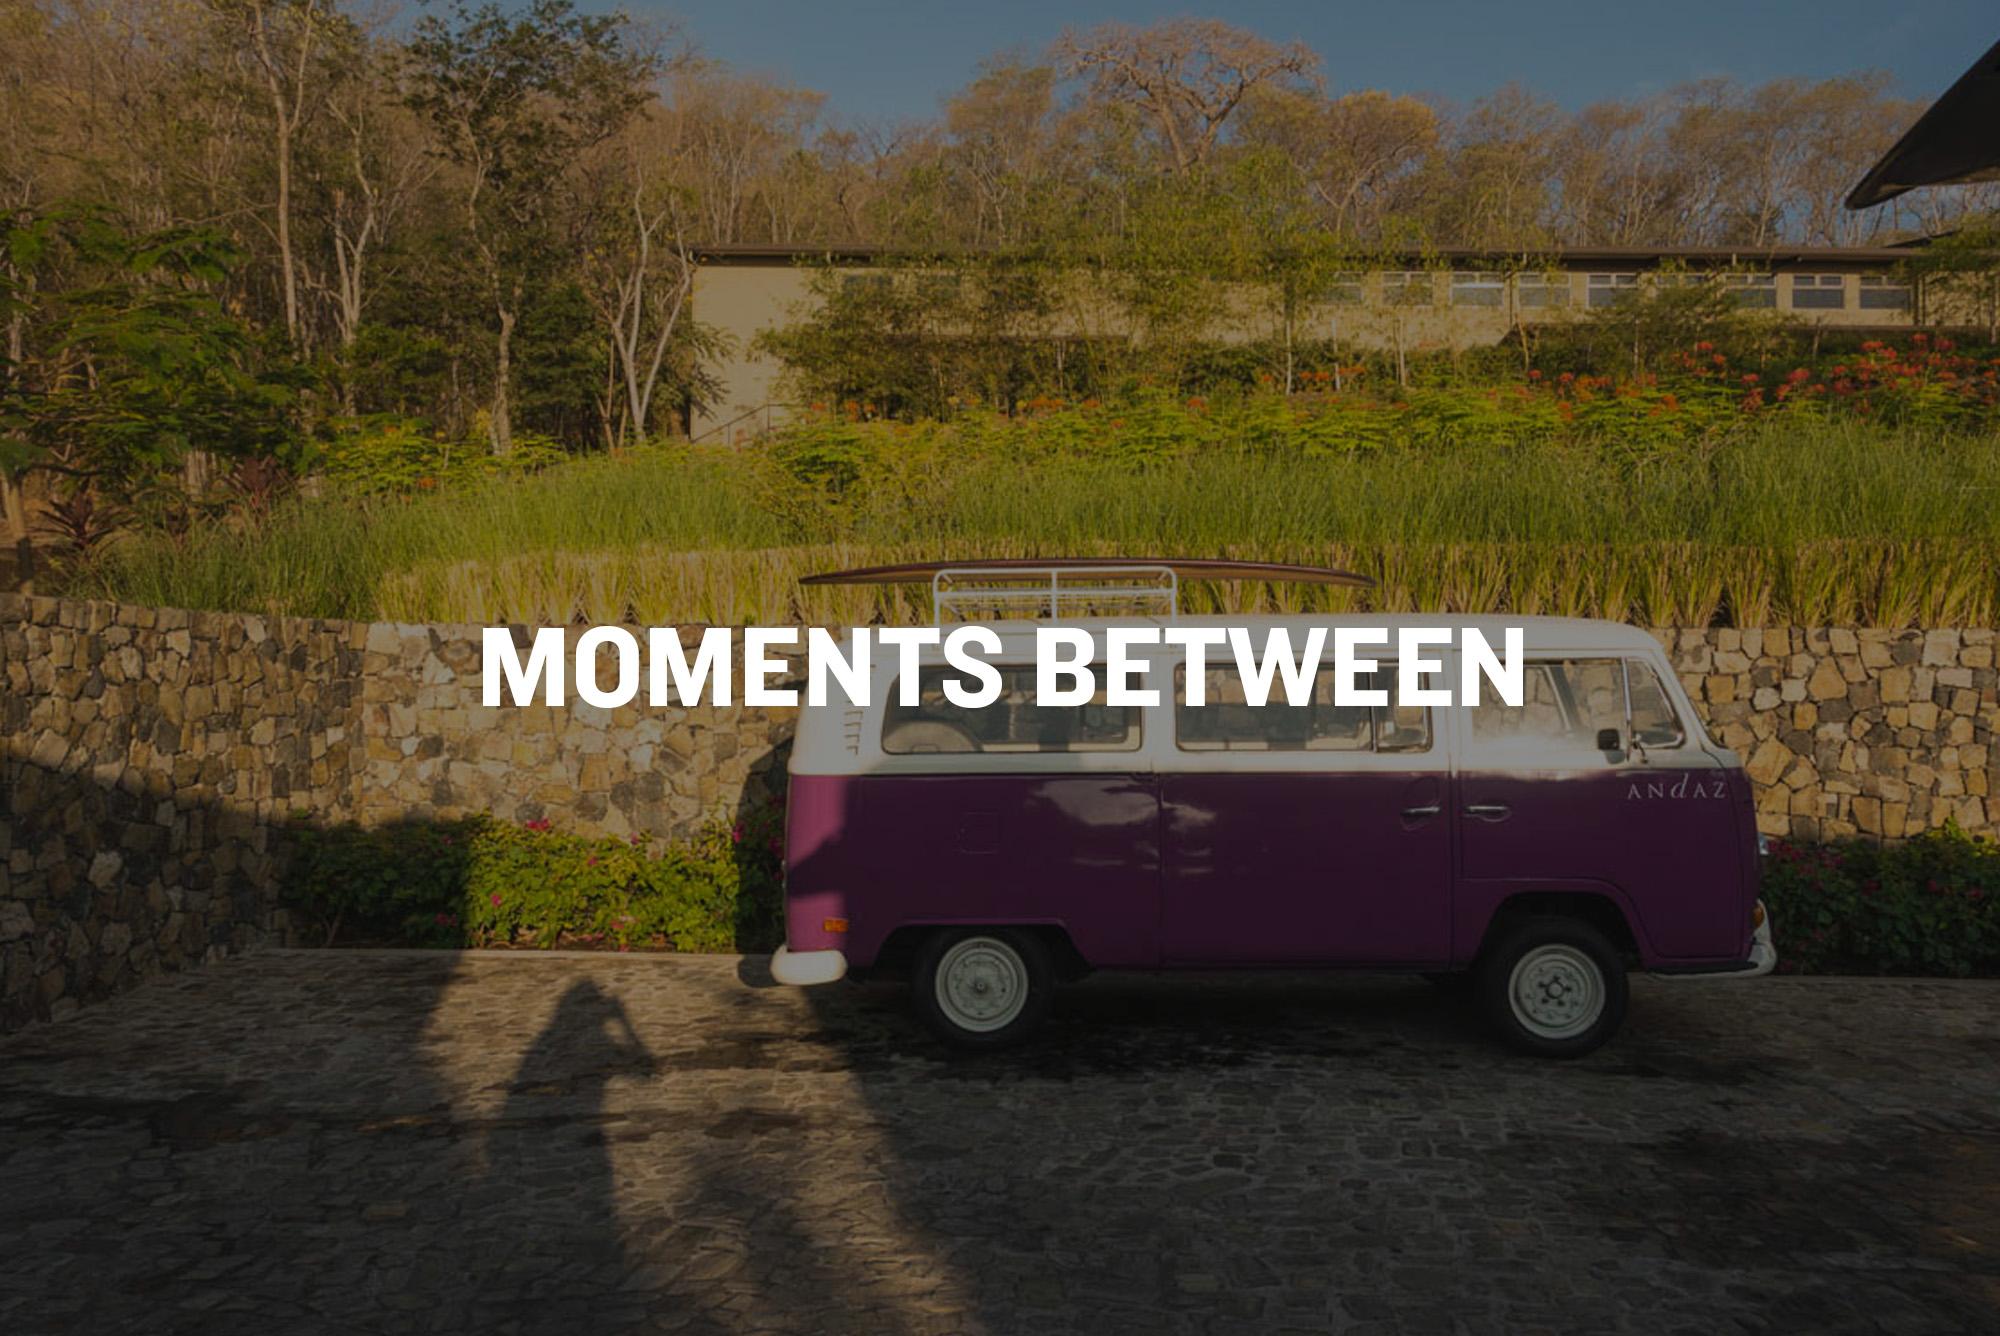 momentsbetweengallerycover.jpg